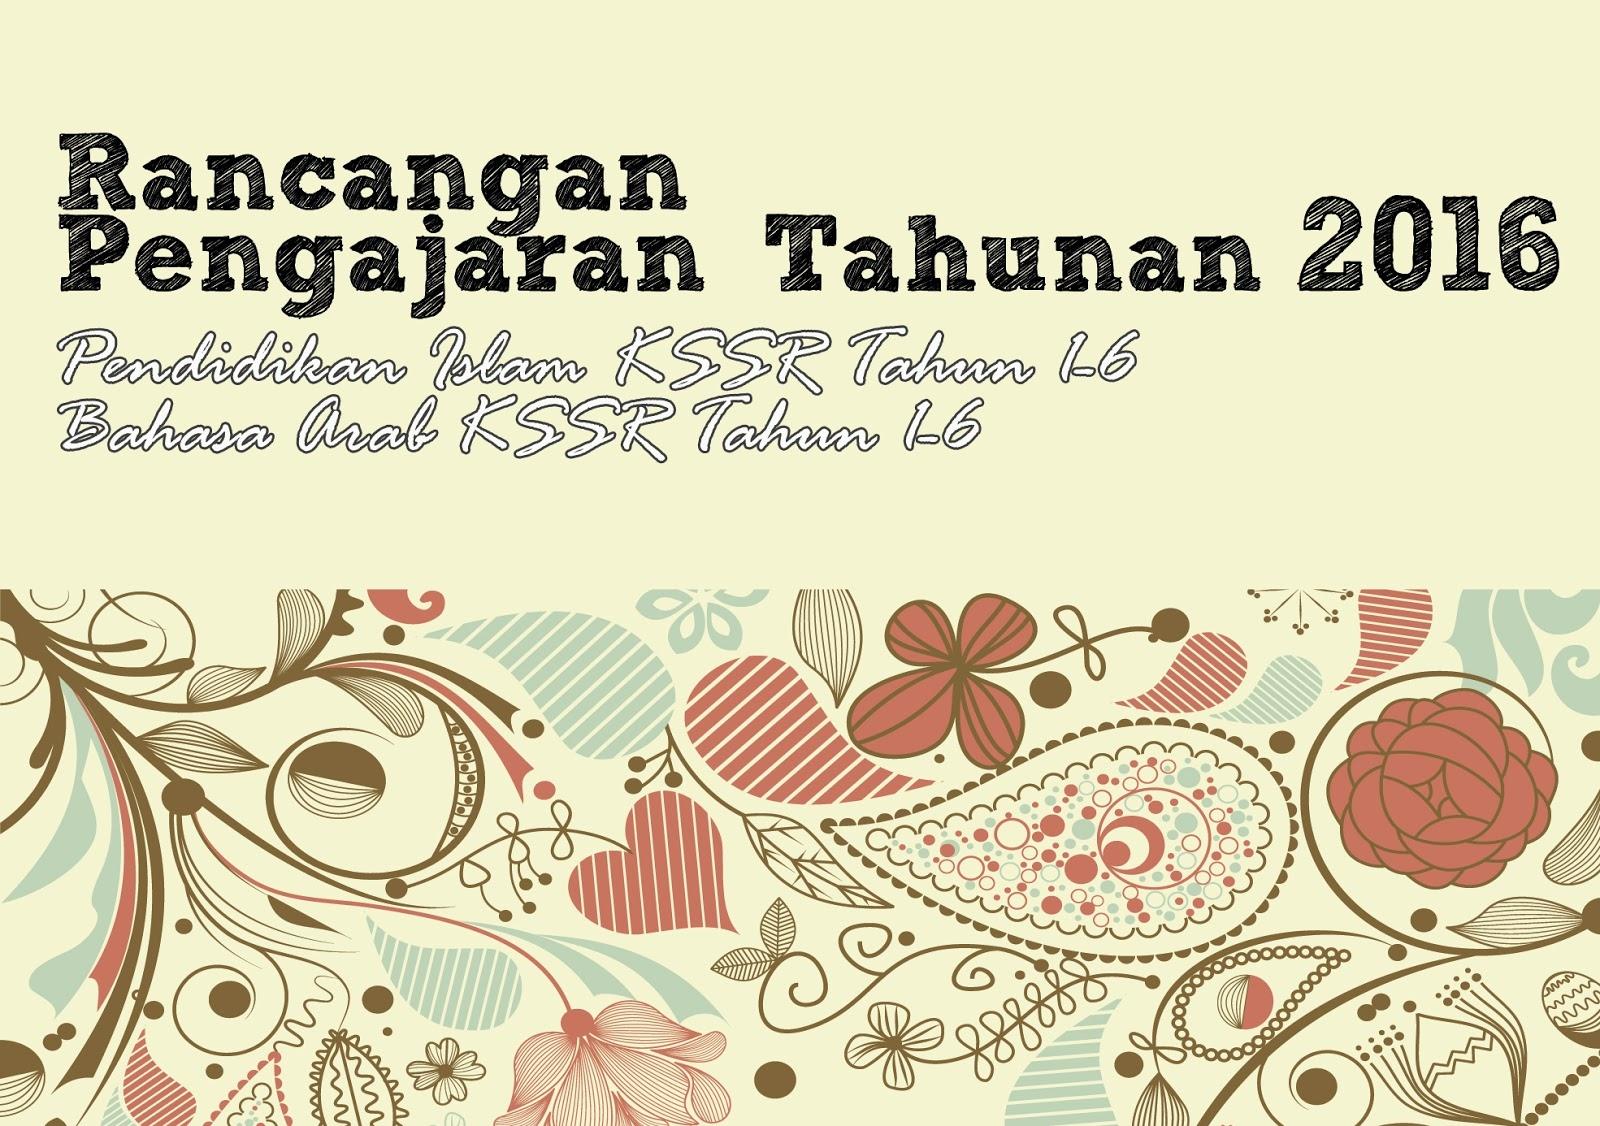 Download Rpt Pendidikan islam Tahun 5 Menarik J Qaf Sk Sulaiman Rancangan Pengajaran Tahunan Pendidikan islam Of Himpunan Rpt Pendidikan islam Tahun 5 Yang Bernilai Khas Untuk Ibubapa Lihat!